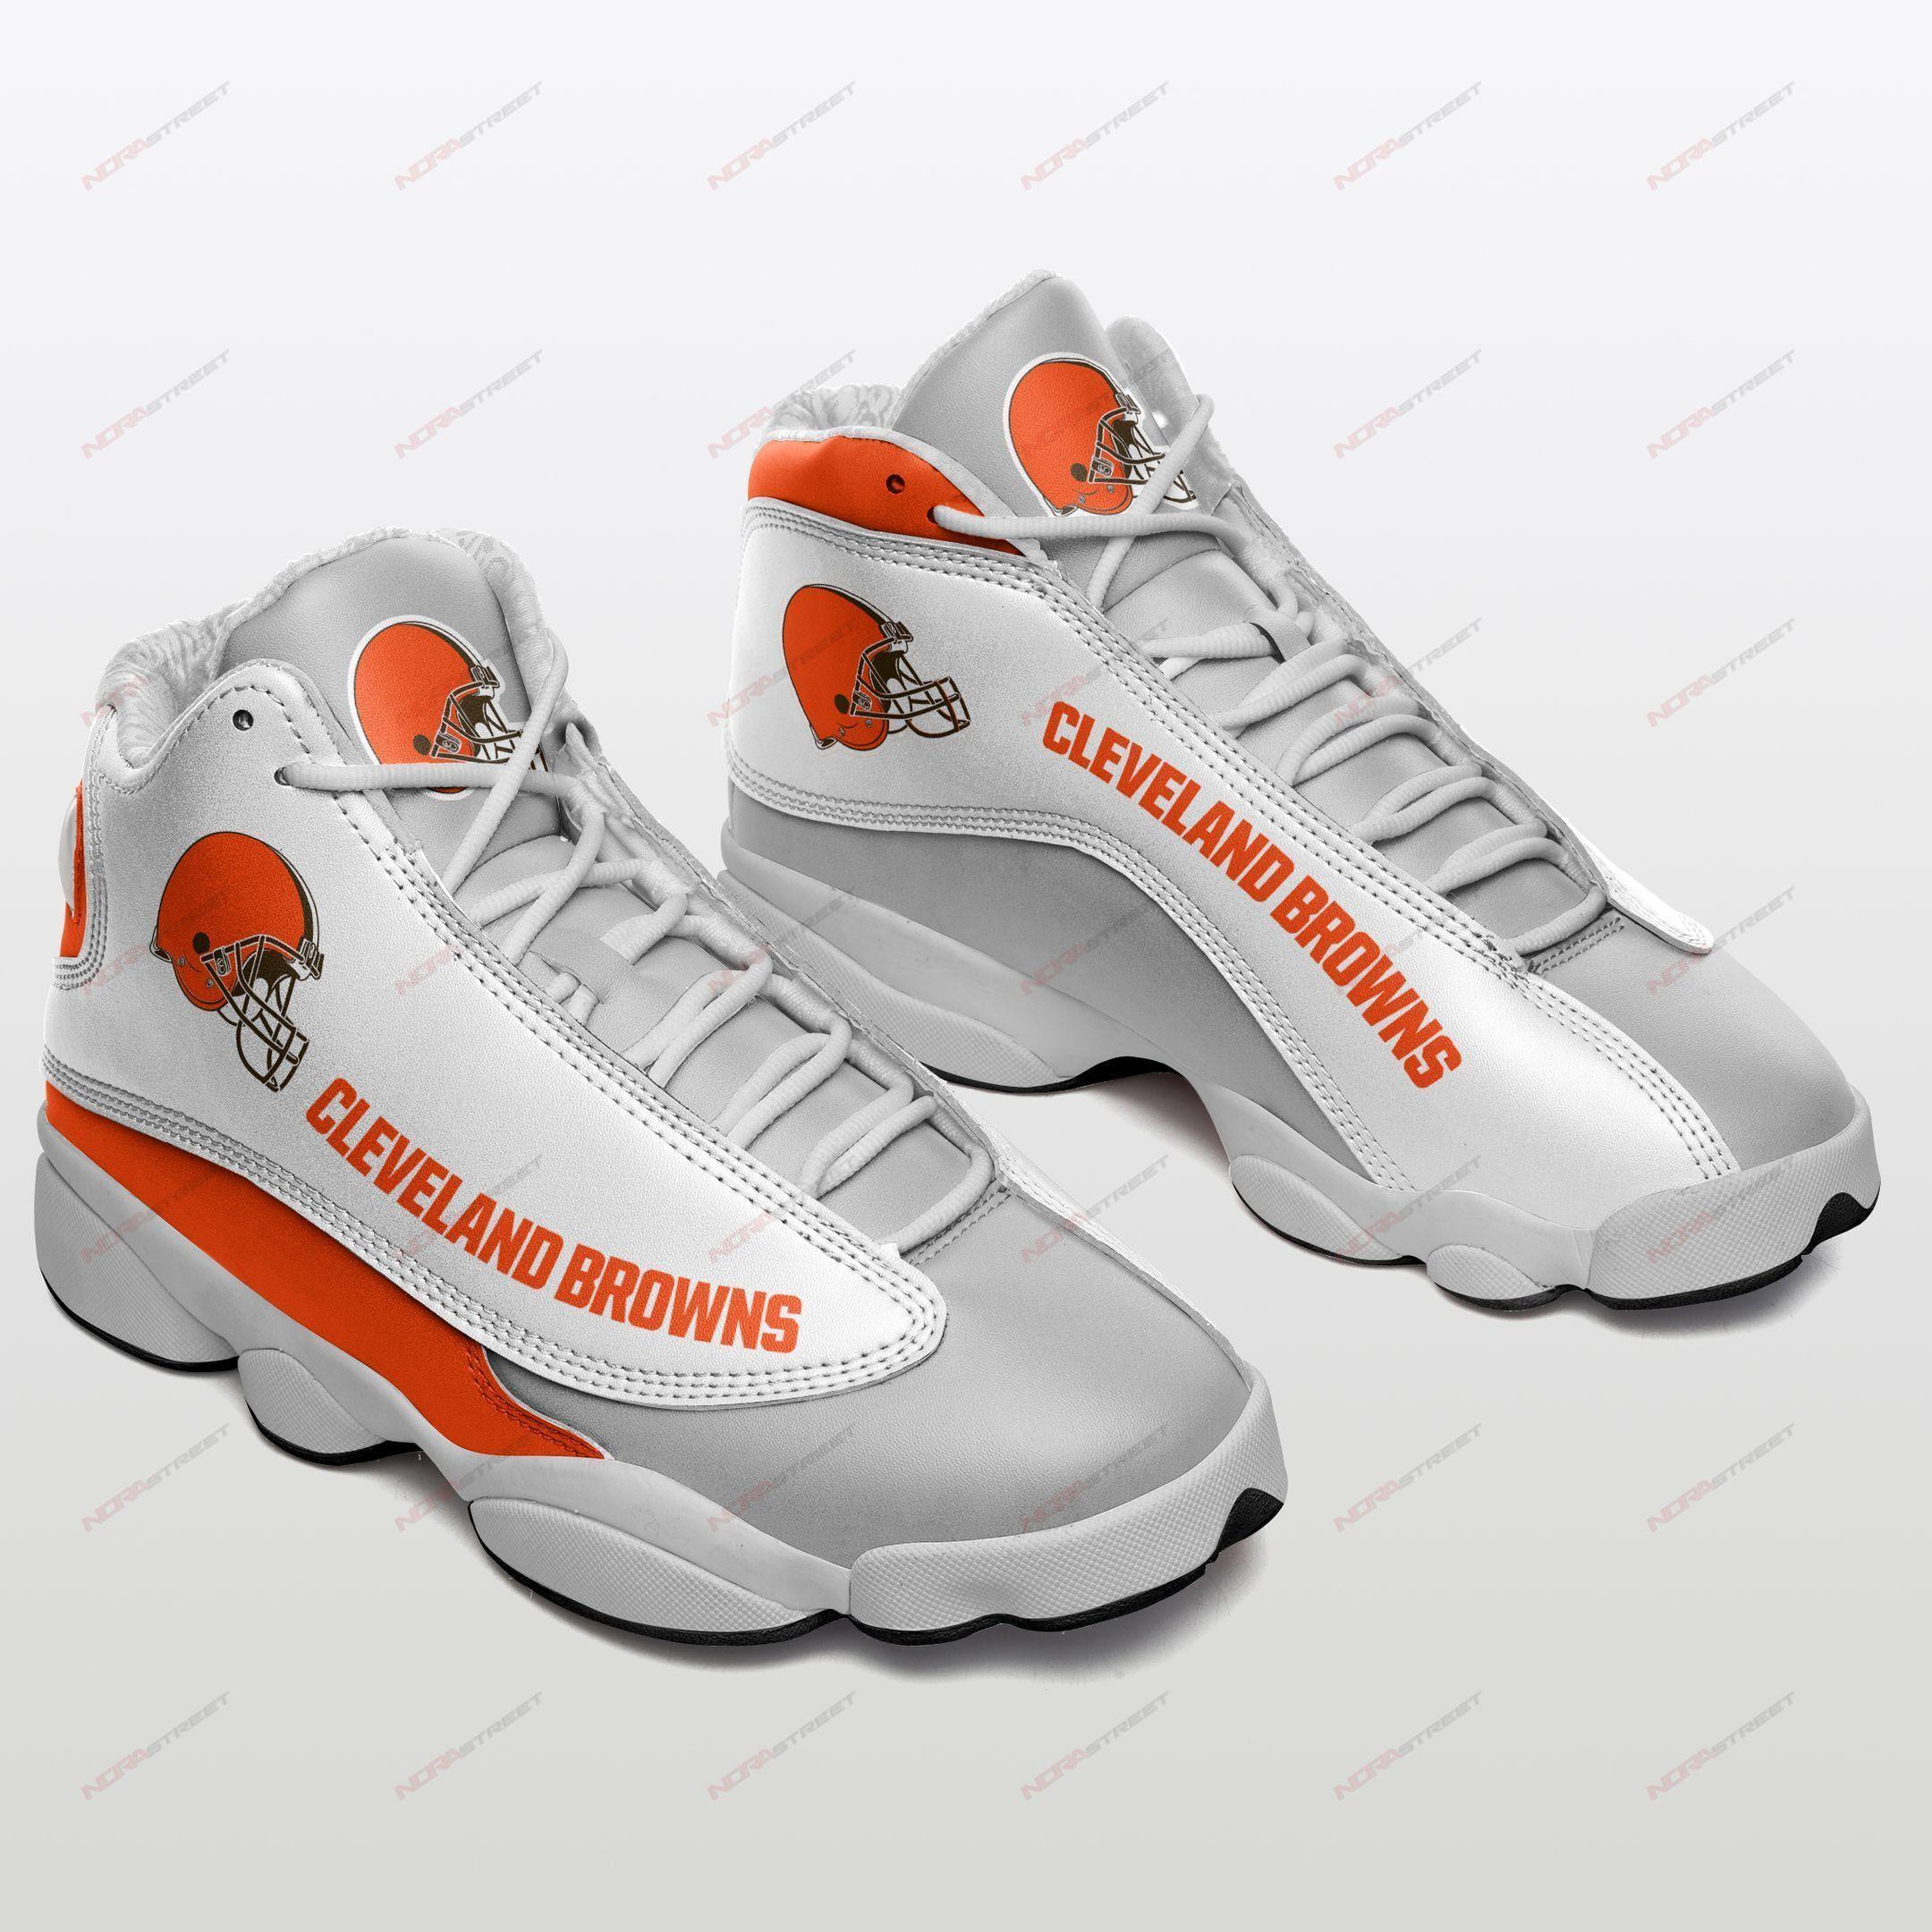 Florida Gators Air Jordan 13 Sneakers Sport Shoes Plus Size